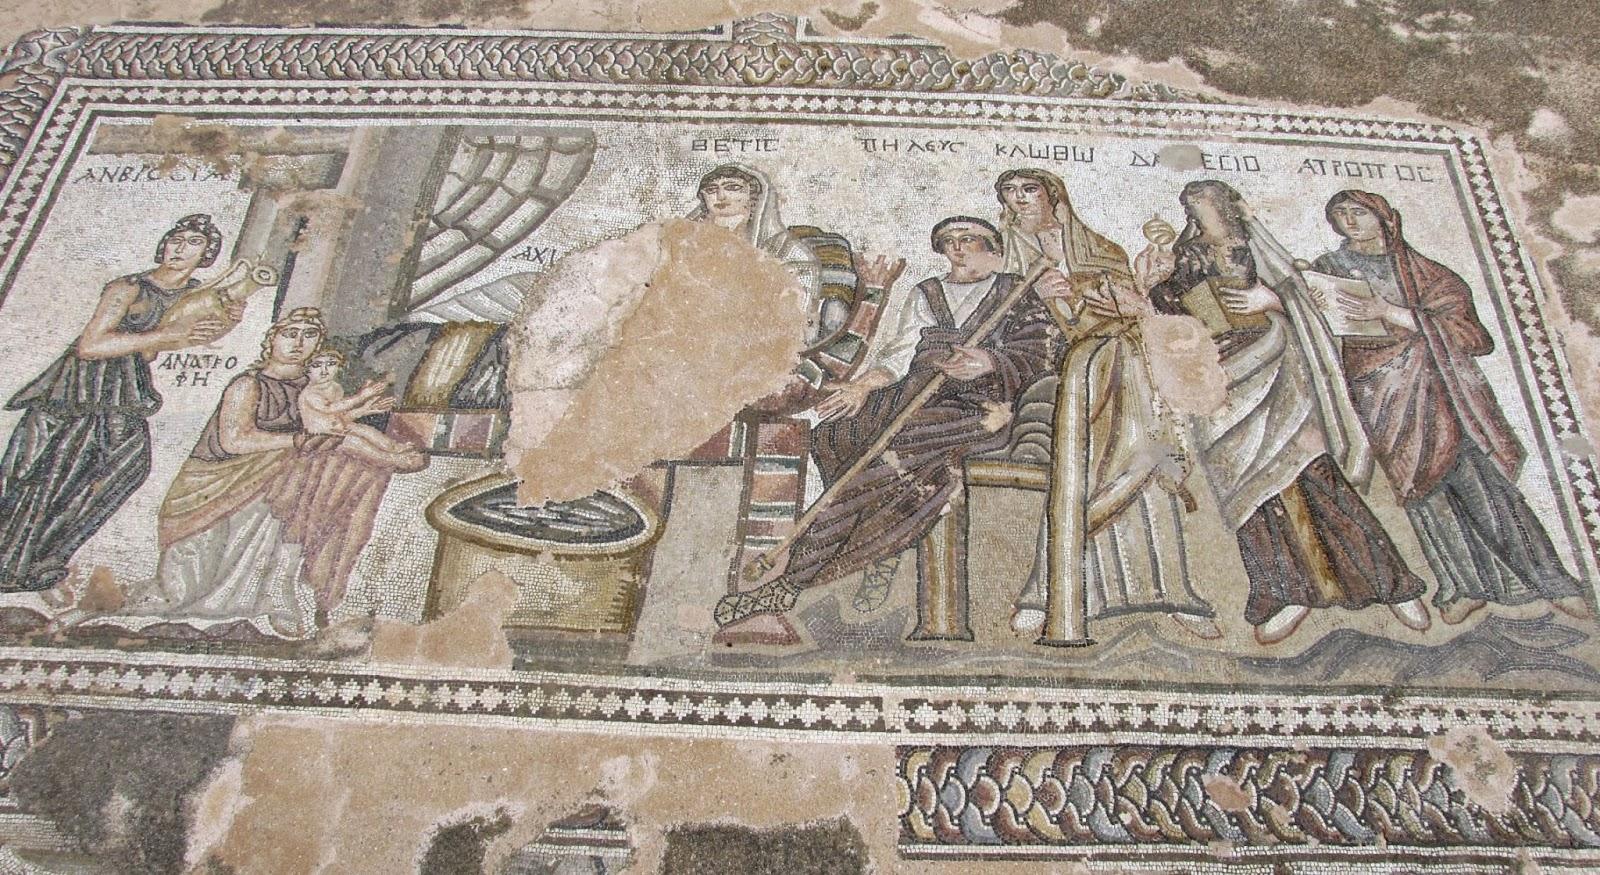 Chipre - Pafos - Mosaico de la casa de Teseo